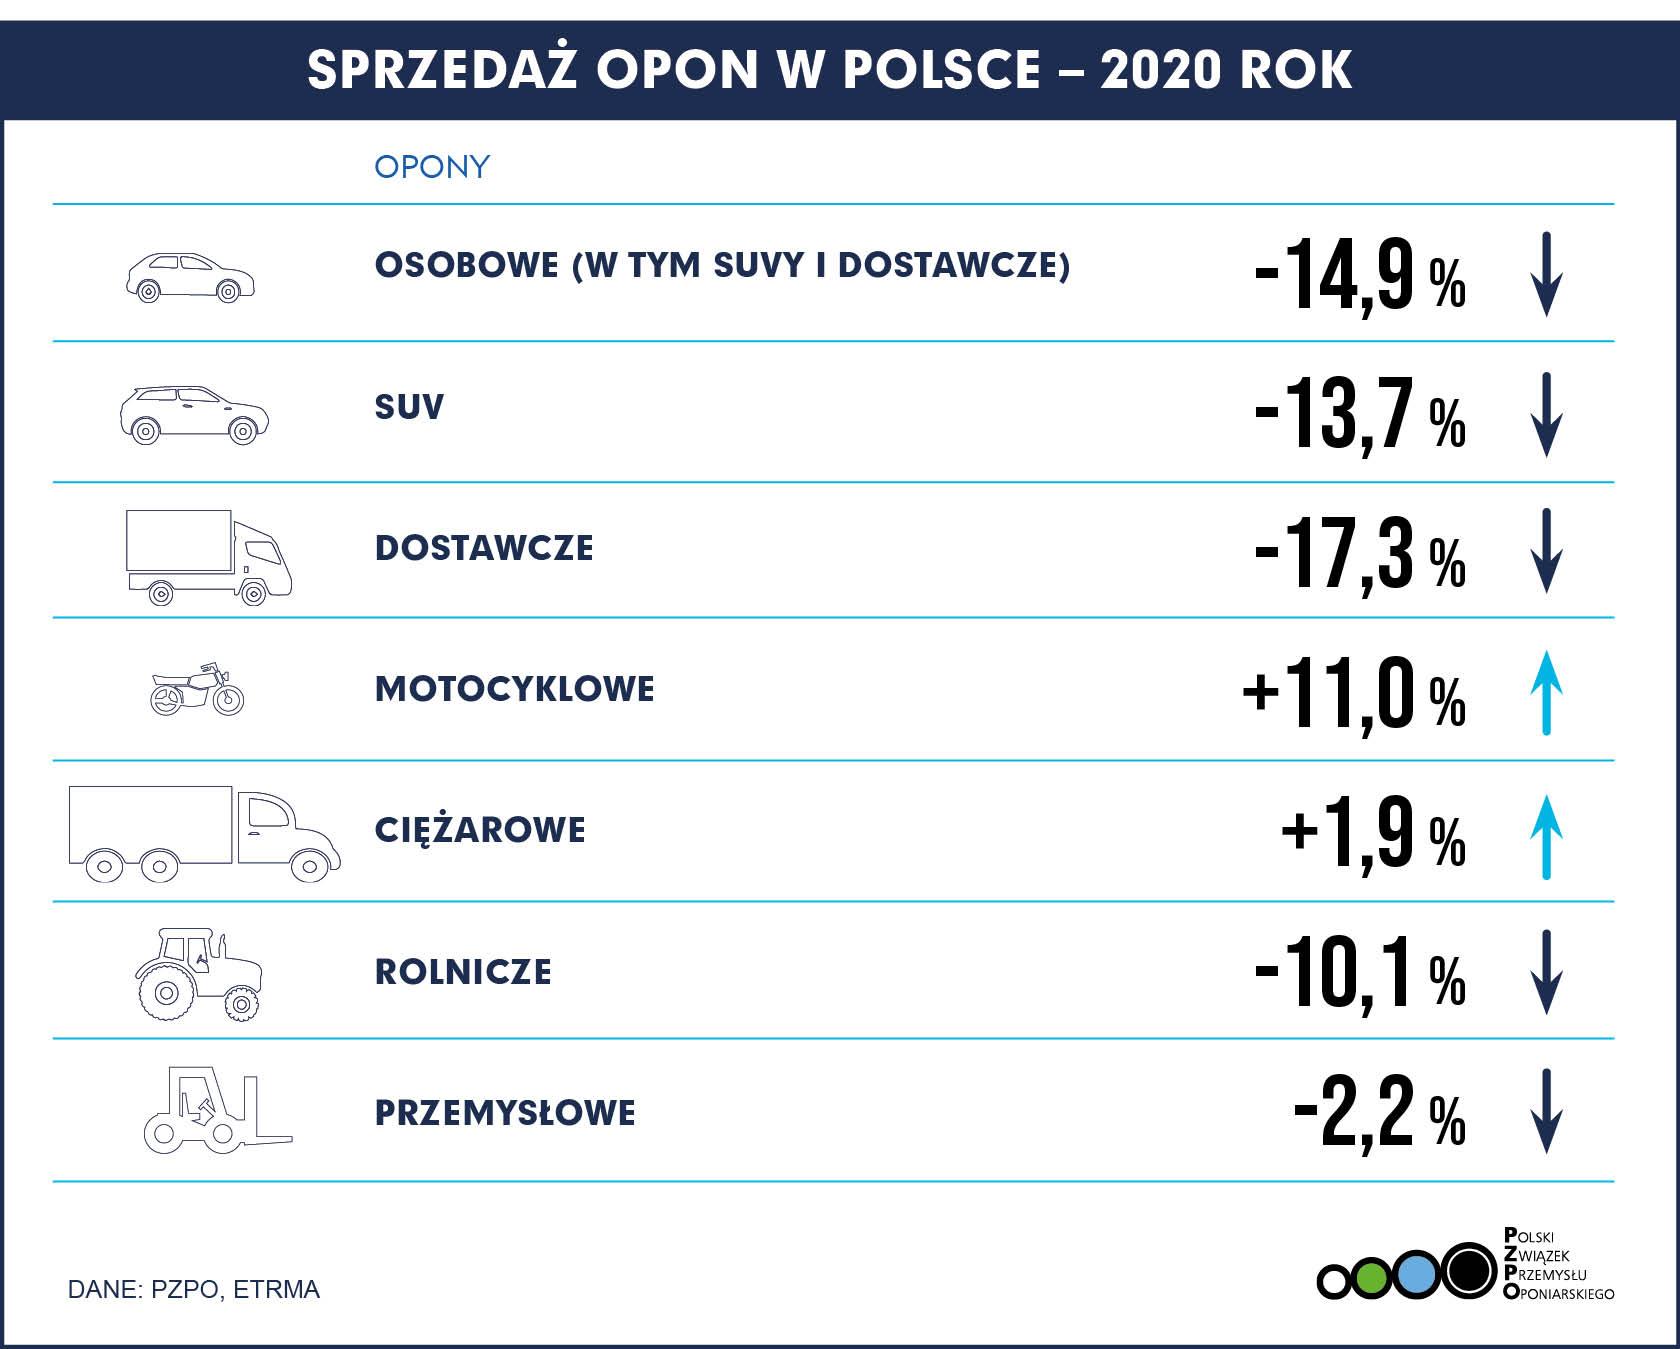 2021-02-17 Sprzedaż opon w Polsce 2020